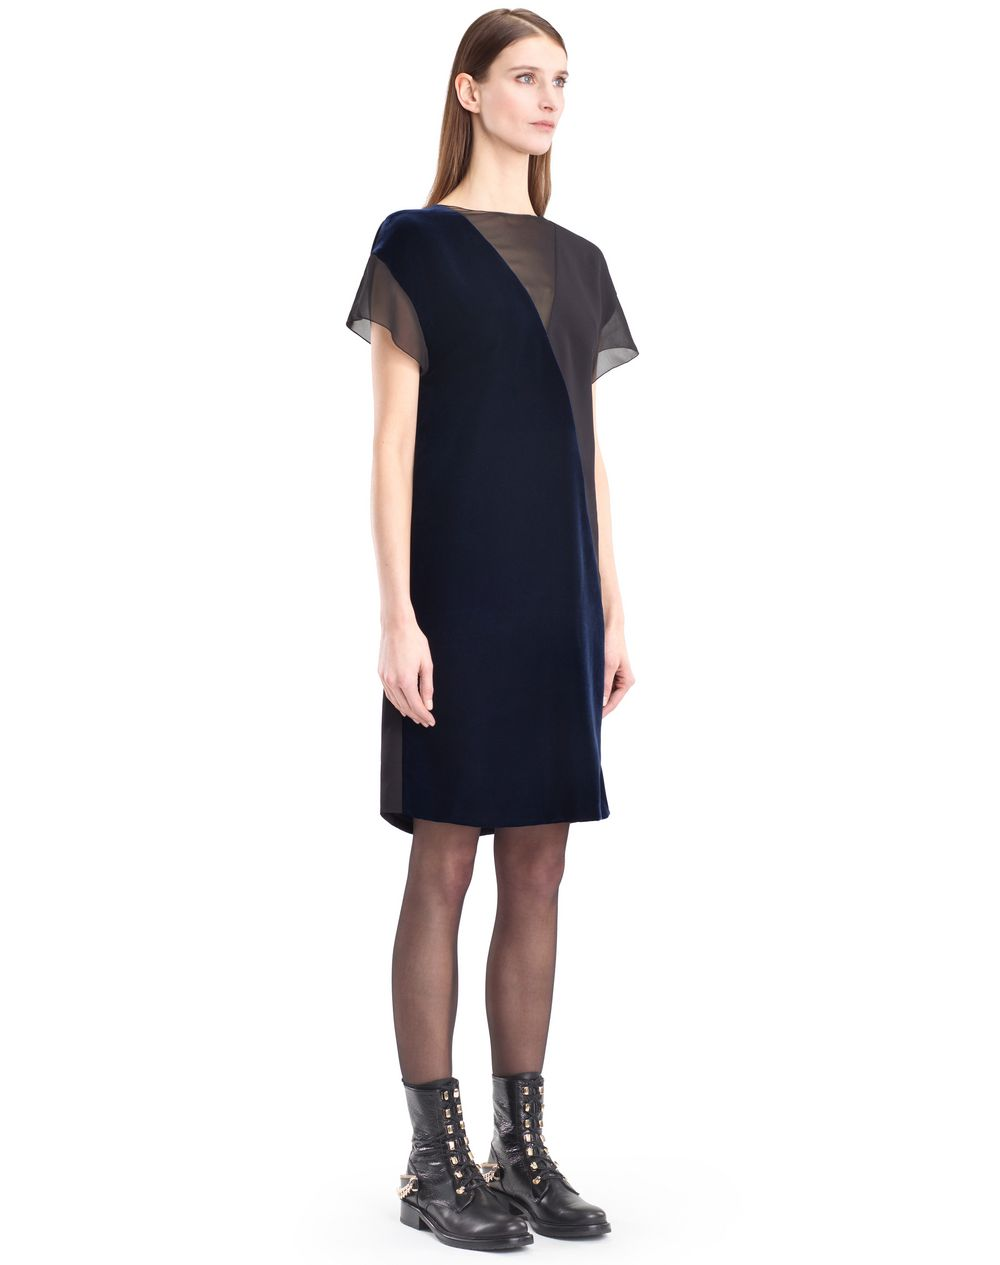 FLOWY VELVET DRESS - Lanvin